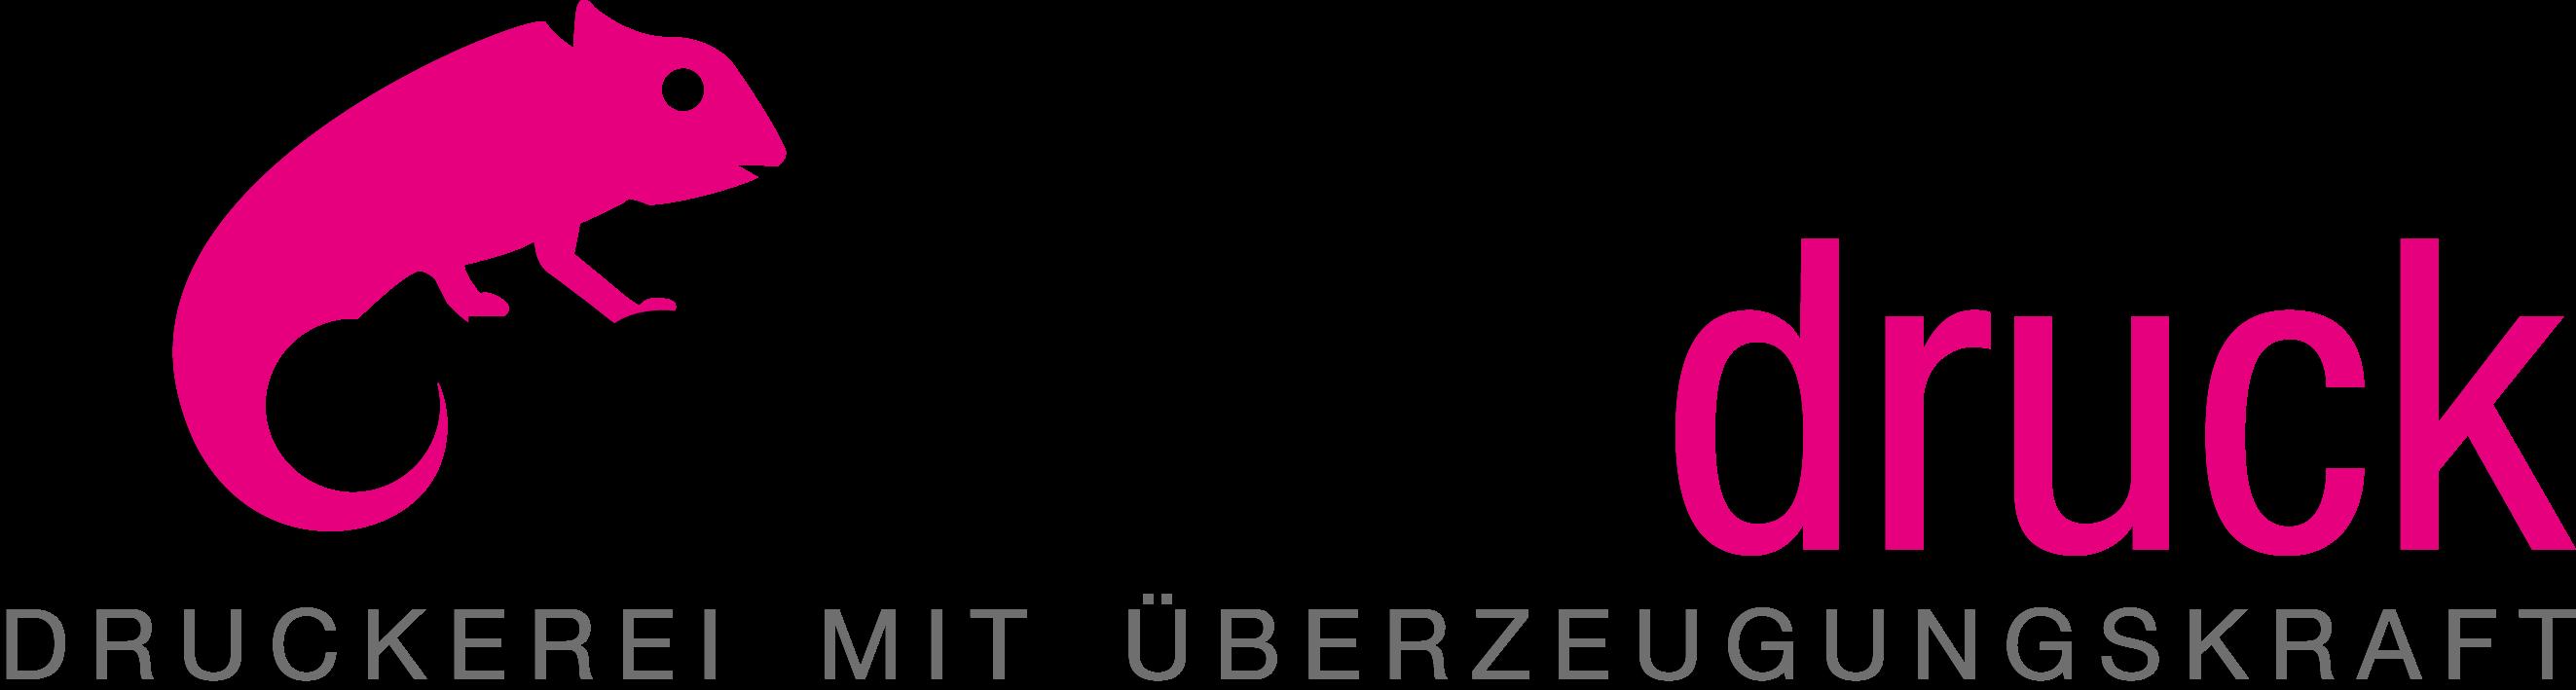 Vorsmann Druck & Verlag GmbH